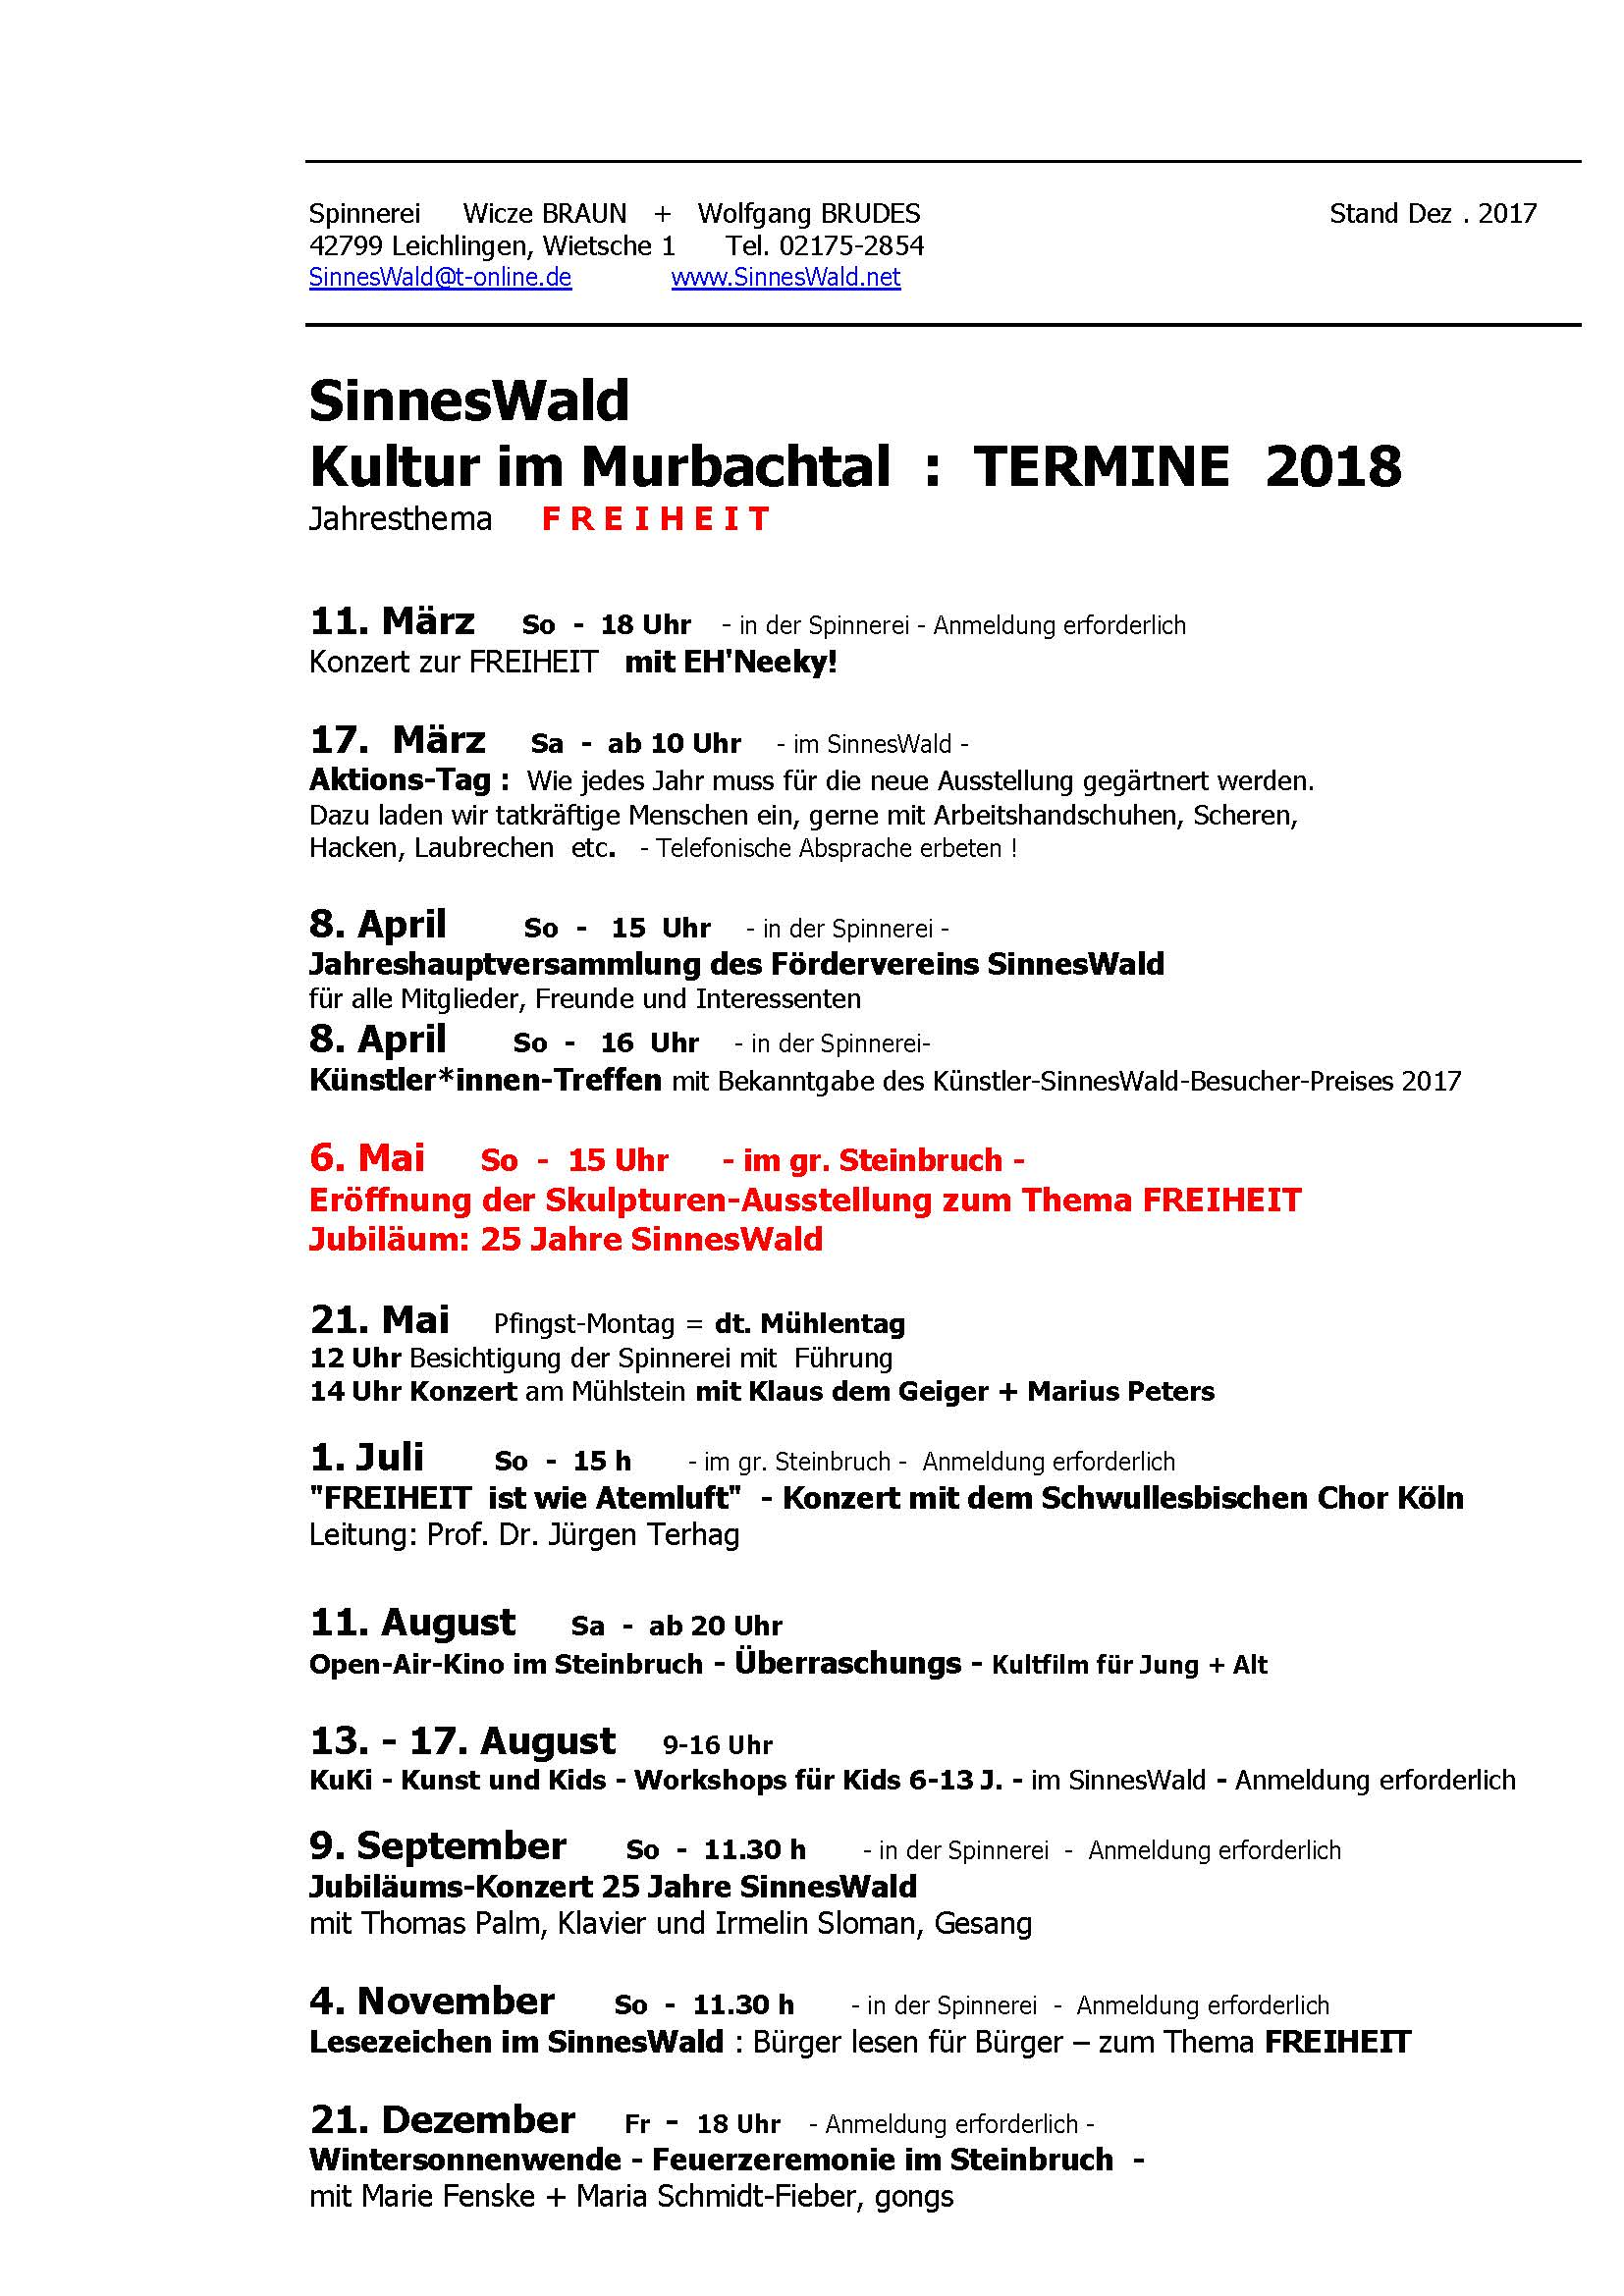 SinnesWald 2018